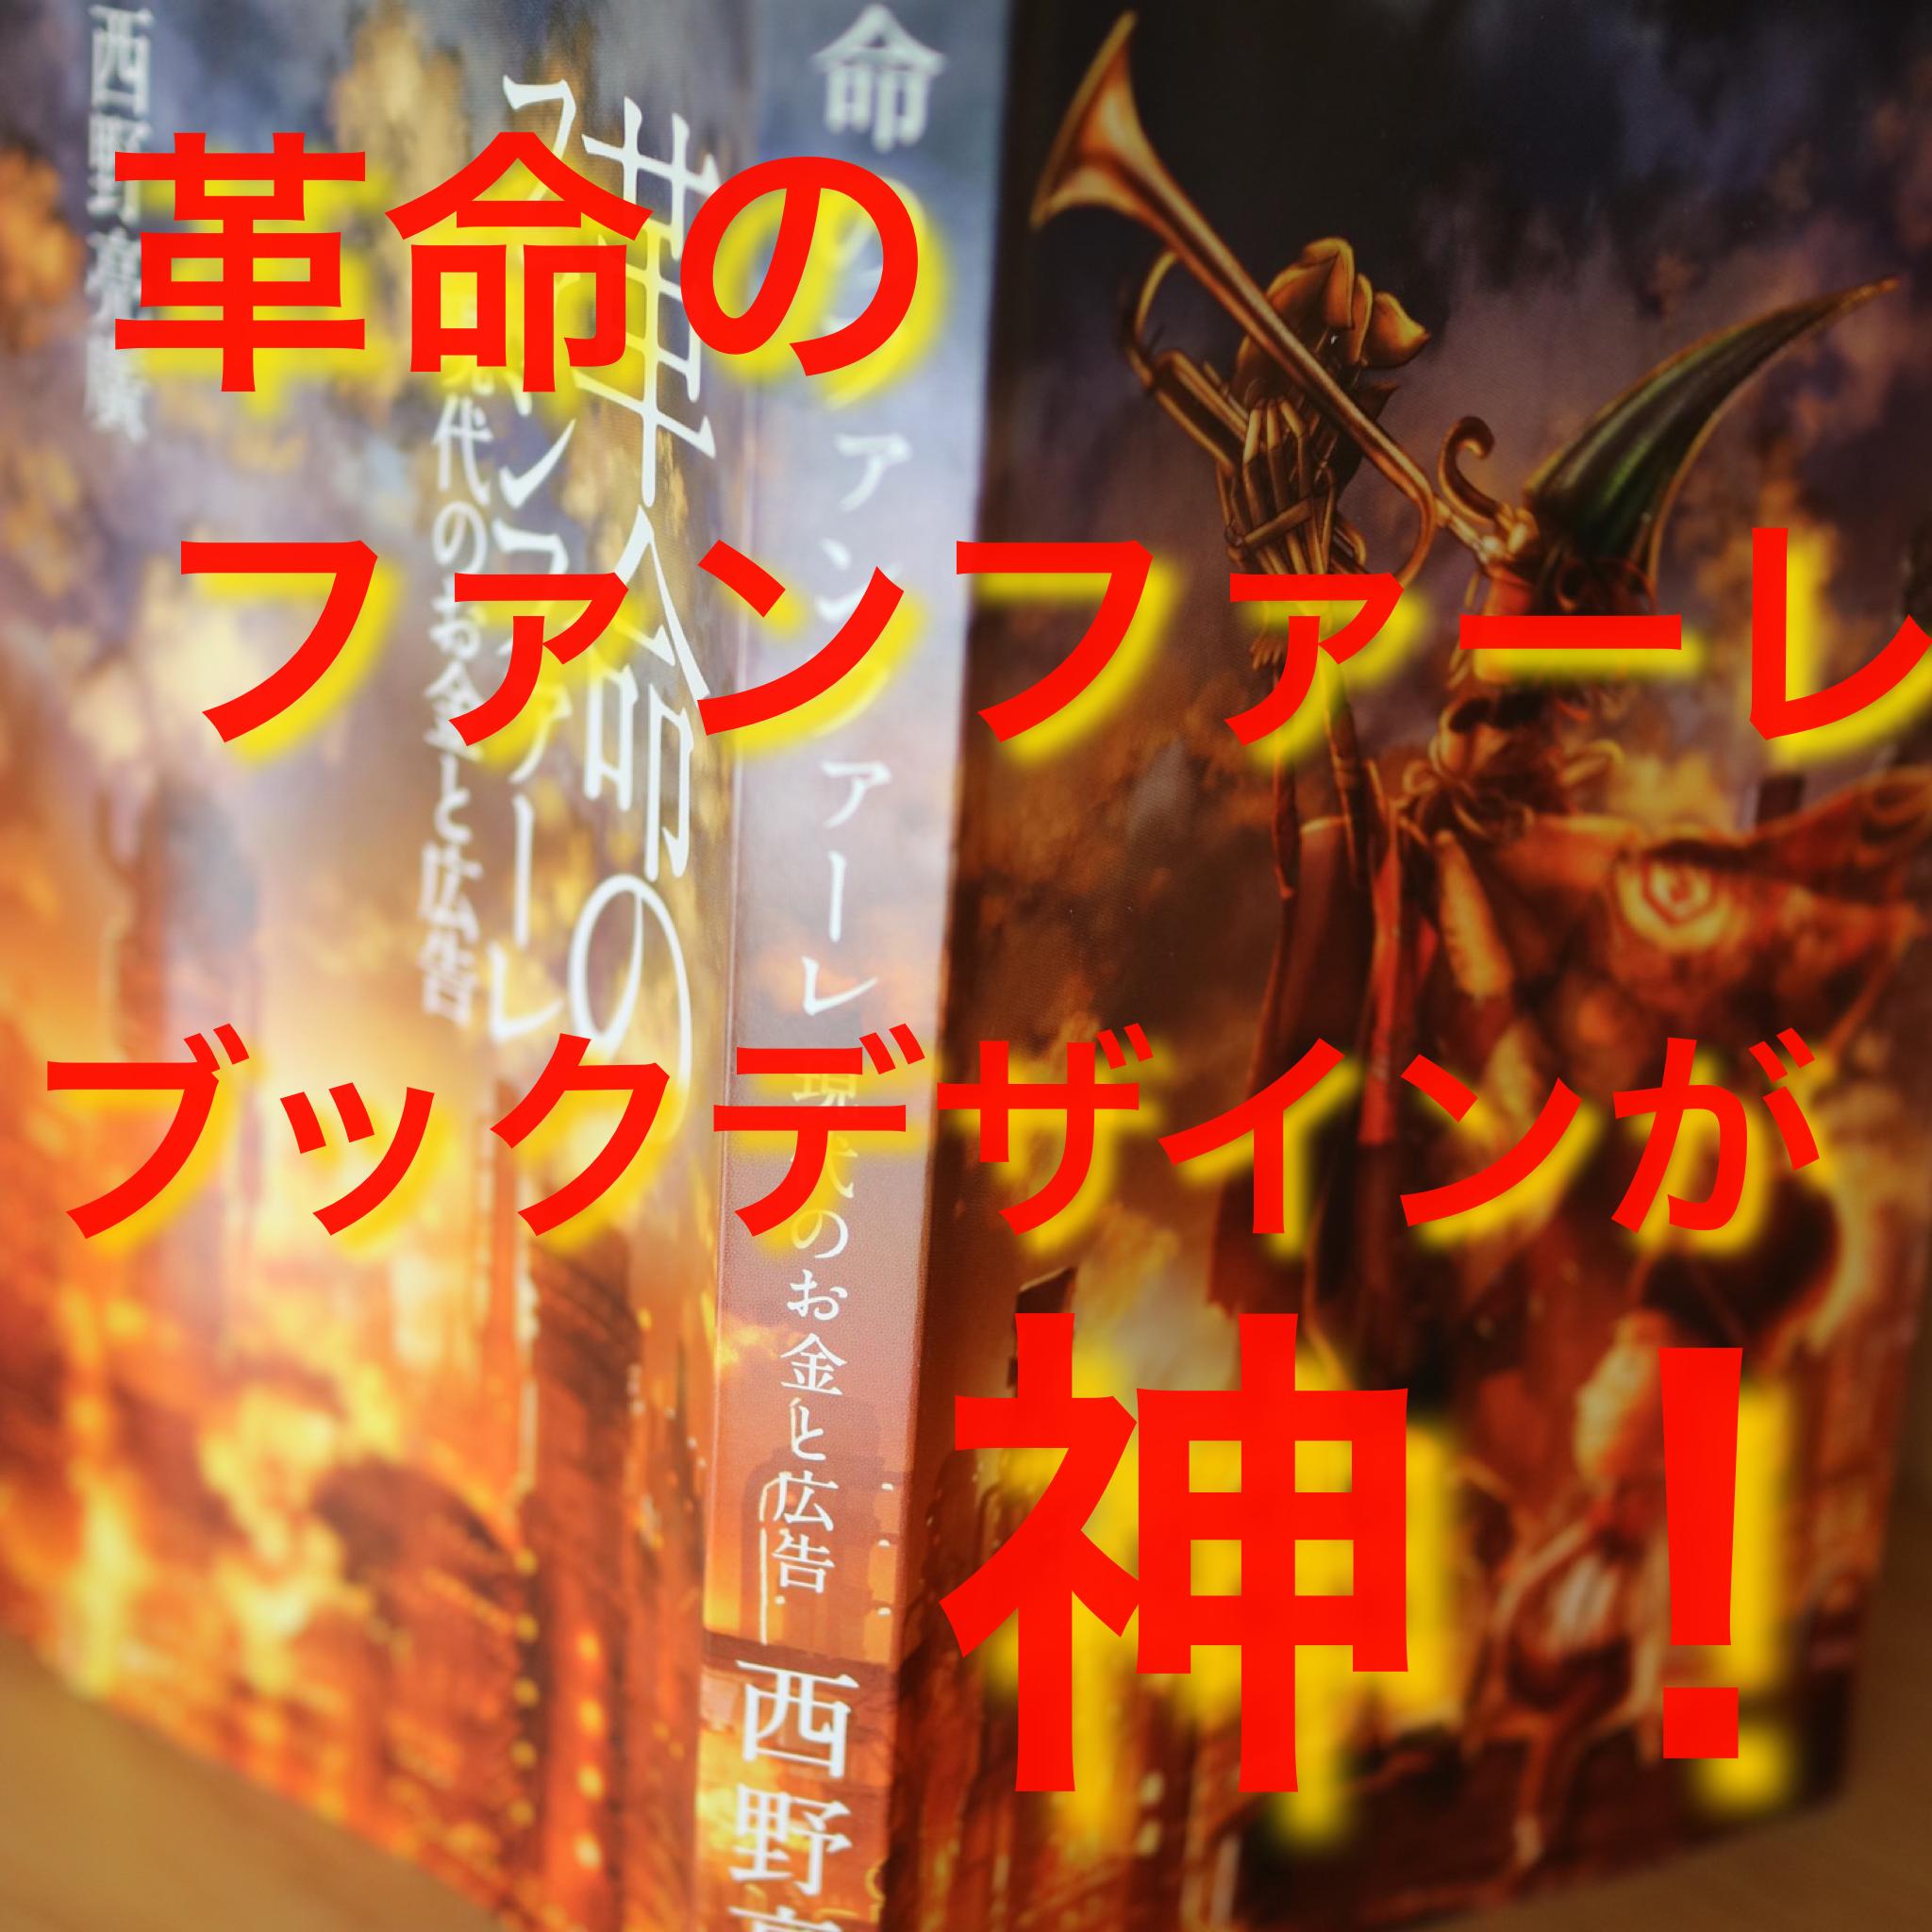 『革命のファンファーレ』 感想 西野亮廣 ブックデザイン